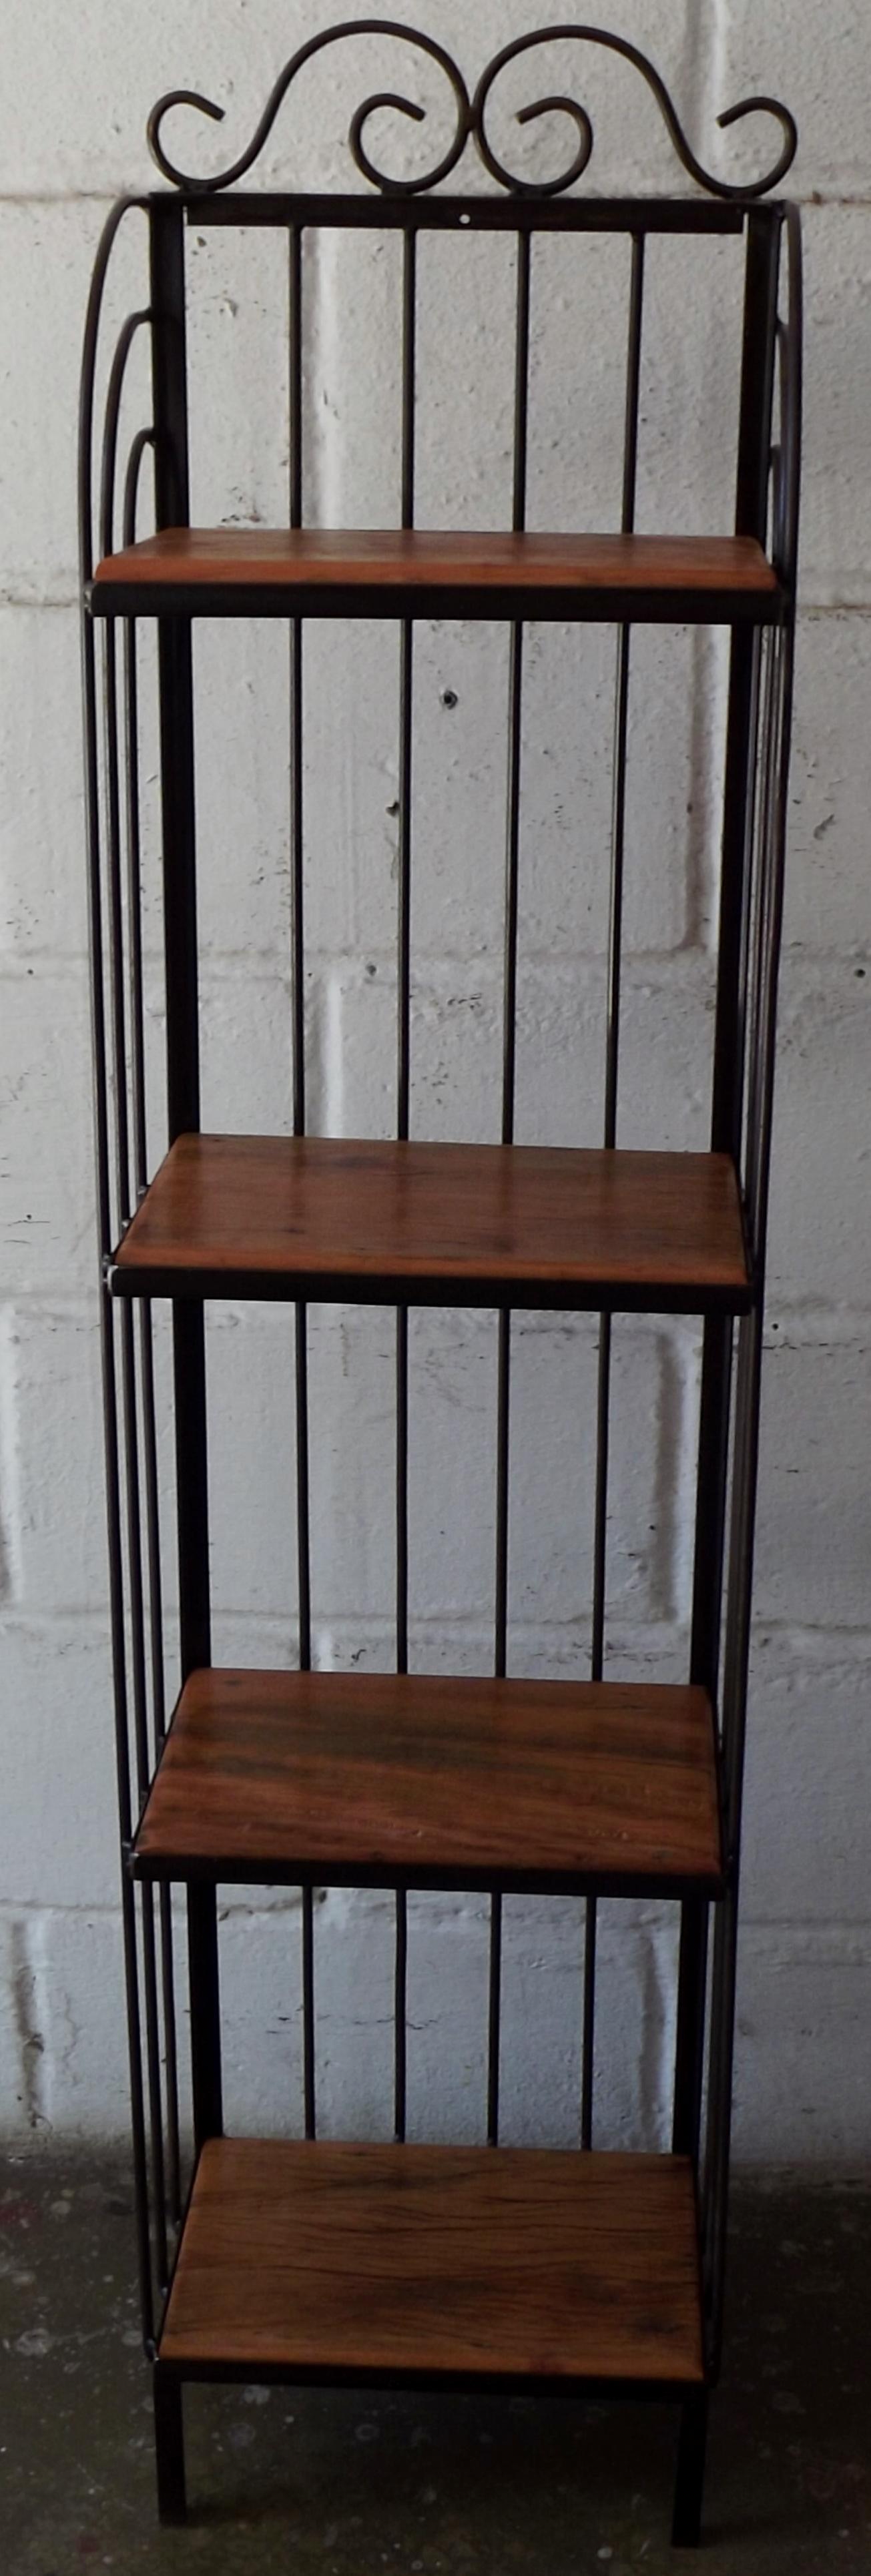 prateleira madeira de demolicao e ferro porta prateleira madeira de  #633C2E 1305x3860